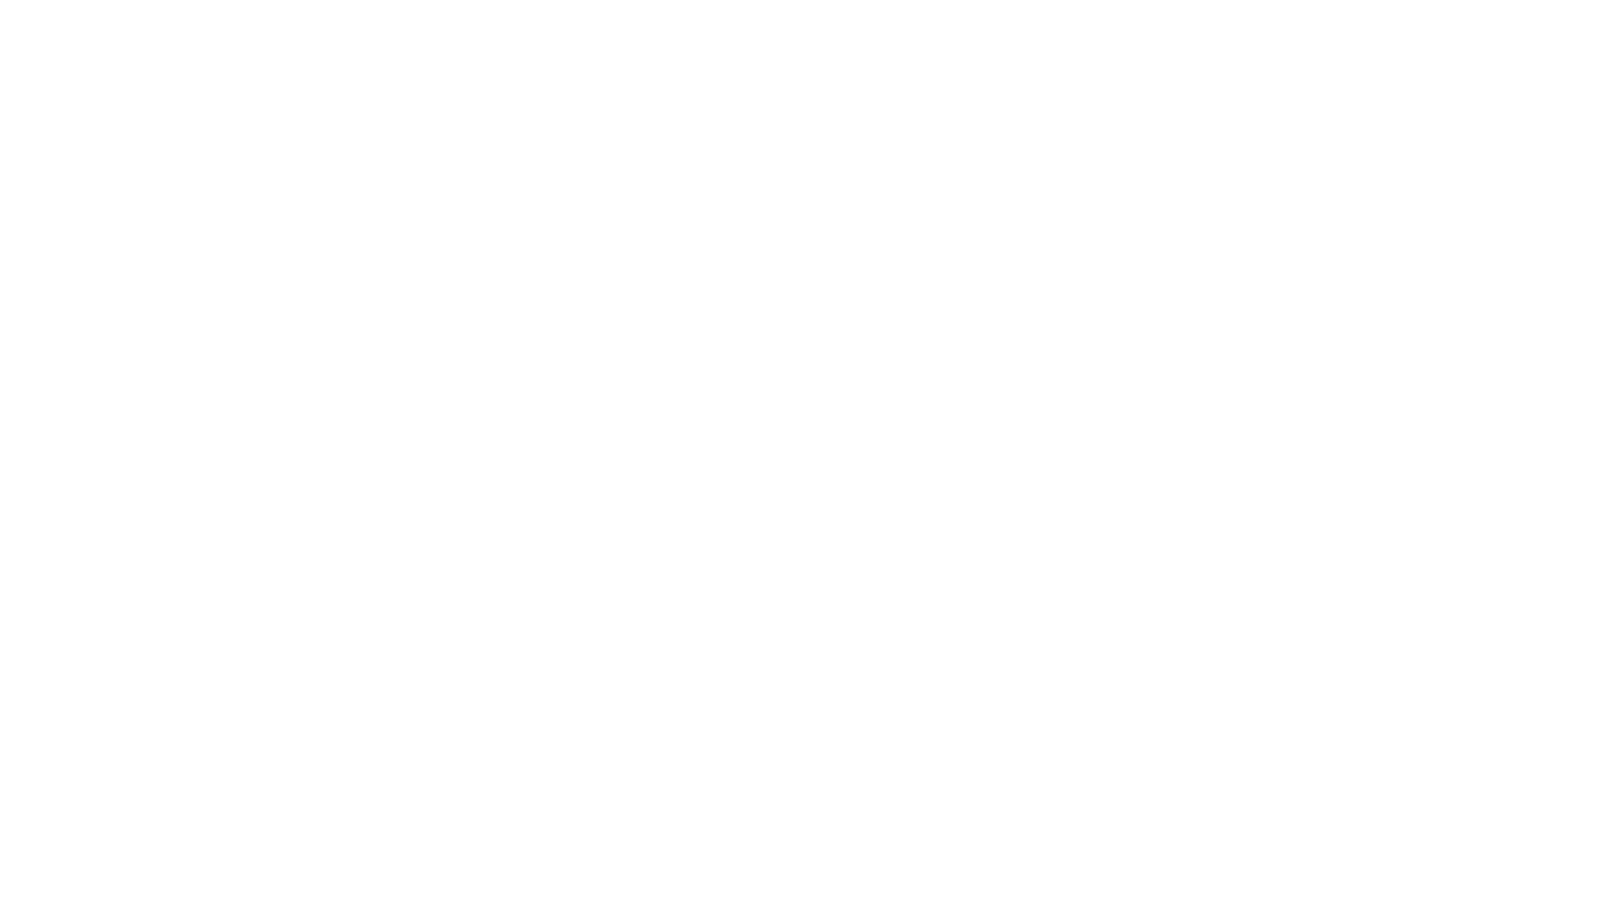 """El 27 de agosto de 2020 se conmemoraron los 100 años de la primera emisión de radio en la República Argentina.  Y esa fecha fue elegida por el Área de Cultura de la Comuna de María Juana para hacerle una mención especial a Omar Rito Bustos, quien fundara un 4 de noviembre de 1978 LRM 955 Radio María Juana FM 101.9, primero en circuito cerrado y más adelante en FM.  En un emotivo acto, se le hizo entrega por parte del Secretario de Cultura Martín Luna y el Presidente Comunal Amadeo Bazzoni de la resolución N° 2254/2020 donde se declara al medio y a Omar de """"Interés Cultural"""" por Comuna de María Juana y su comunidad por su trayectoria en la radiodifusión. Además se le entregó un cuadro con la mención y un reloj muy fino de bolsillo.  Además estuvieron presentes Rita Bertone, pareja de Omar Bustos, pilar fundamental en la empresa familiar, el actual director de la emisora Ricardo Bustos, la conductora principal de la radio Mónica Barceló, Marcela Ledesma prensa de Comuna, el locutor Pablo Húter y el camarógrafo Hernán Ortman quienes registraron imágenes y una entrevista para Canal 11 de la Coop. Telefónica de María Juana.  Agradecemos las imágenes de María Juana News y Mónica Barceló y de Canall 11 de María Juana."""